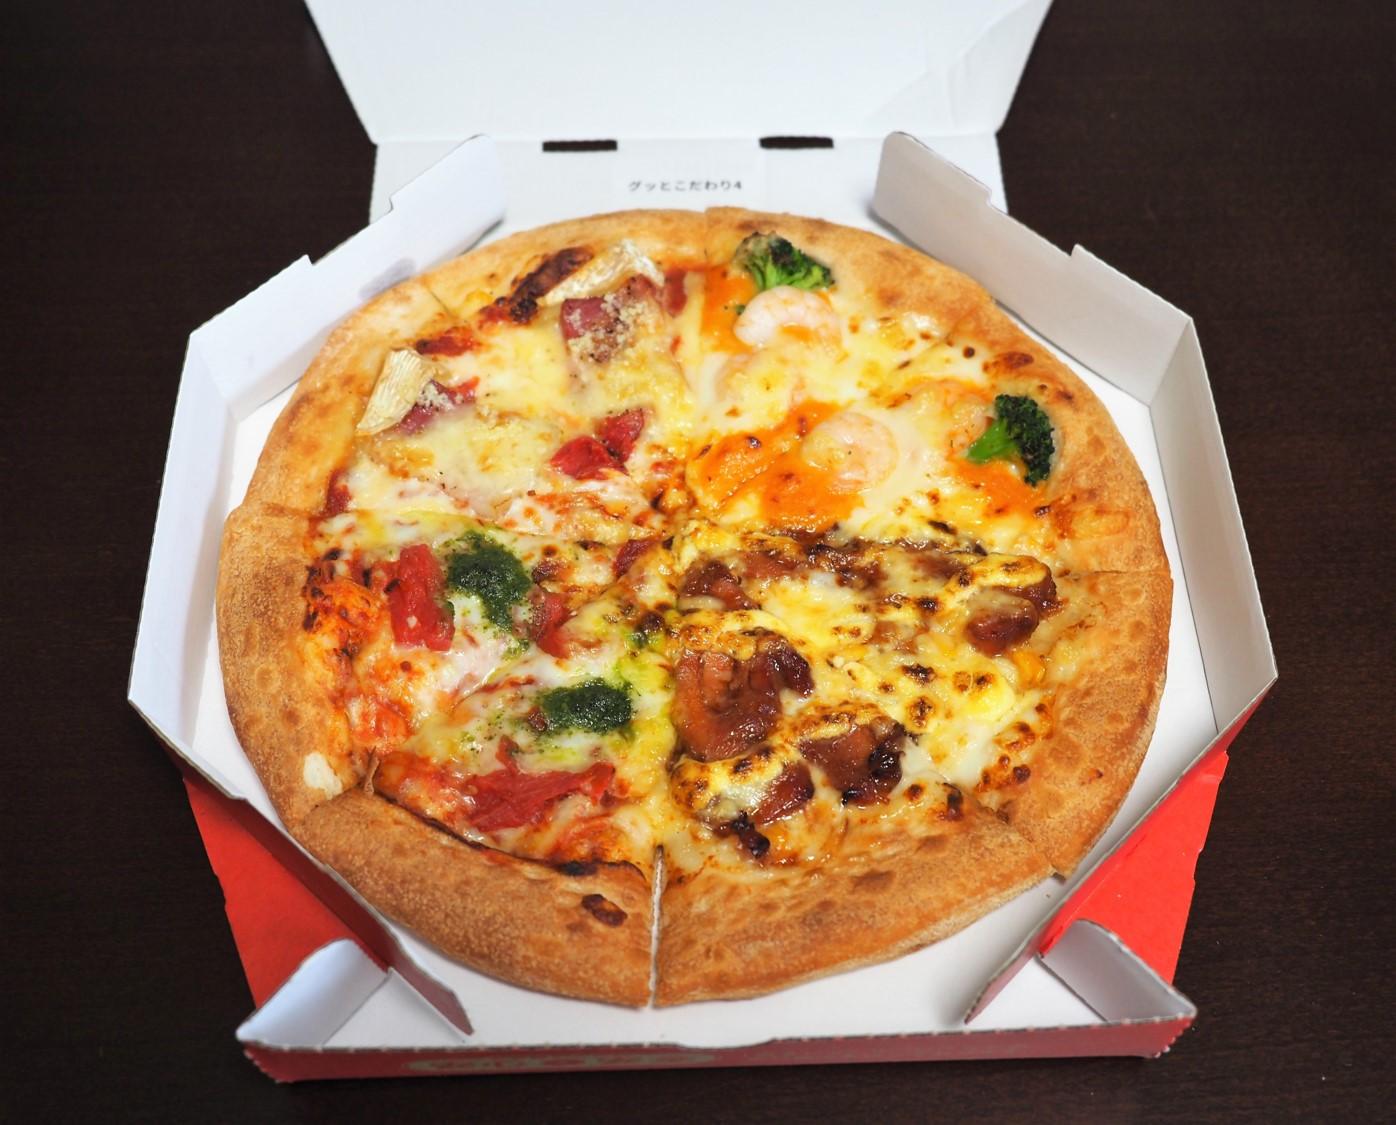 """ピザハットのピザは本当においしくなったのか? """"3大要素""""を改良したピザを実際に食べて検証!"""